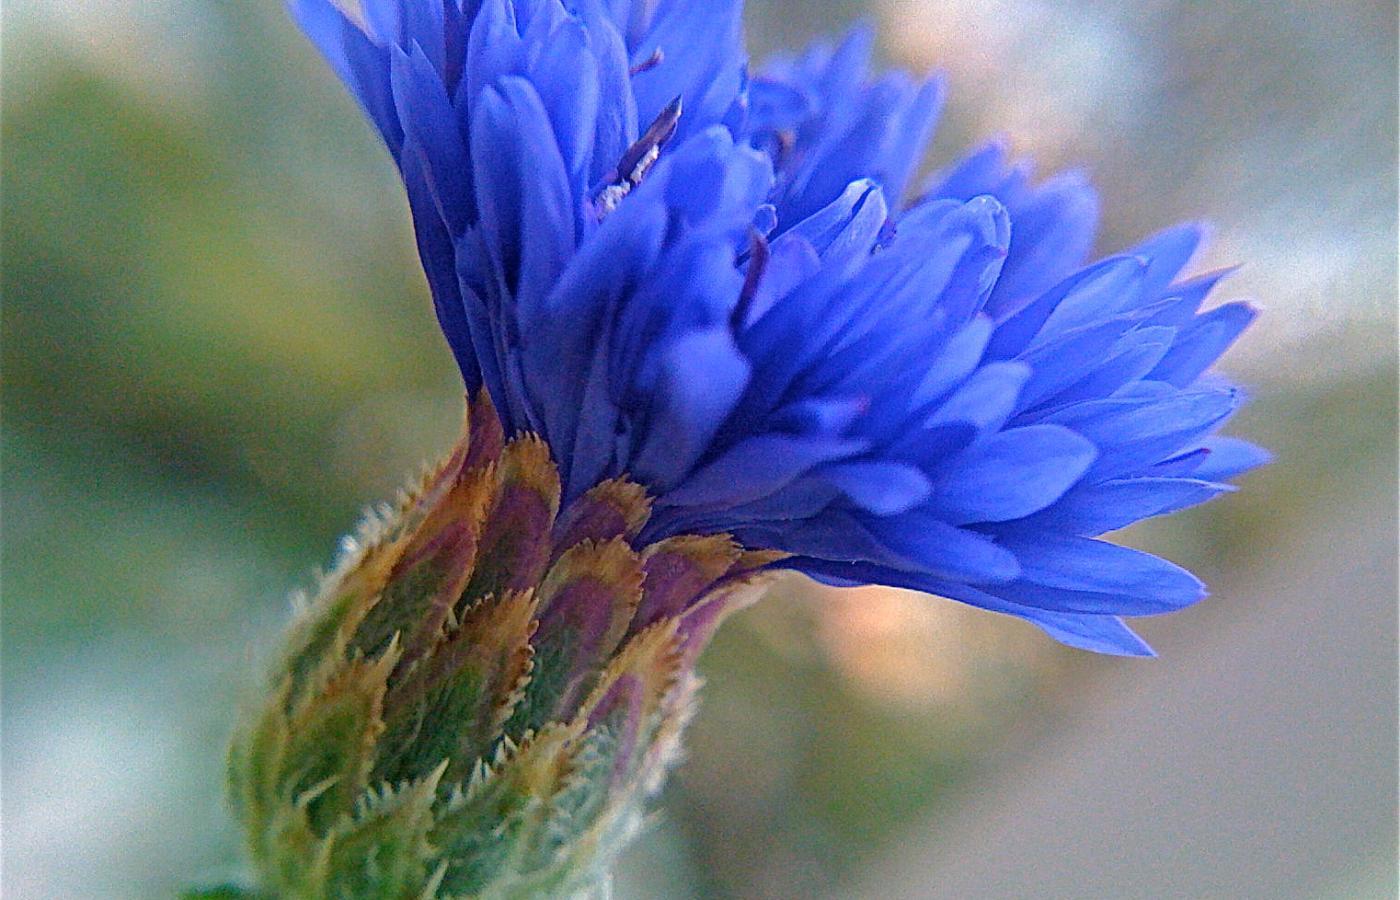 13 Kwiatow Ktore Mozna Zjesc I Dobrze Na Tym Wyjsc Polityka Pl